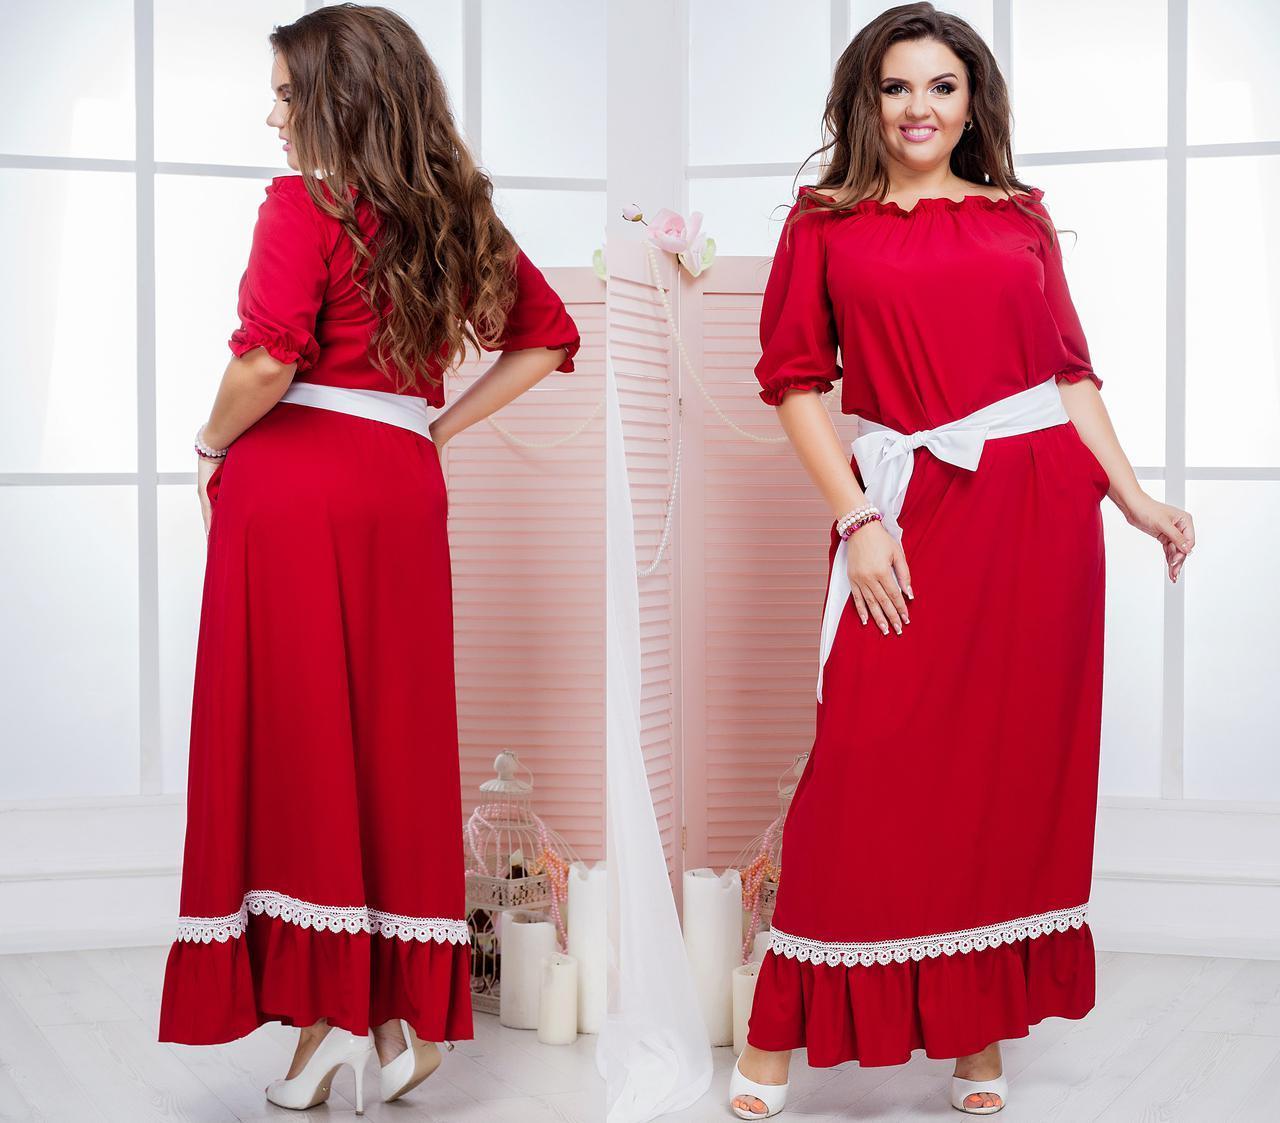 8854206a752 Платье Макси с Горловиной на Резинке и Отороченное Кружевом Батал ...